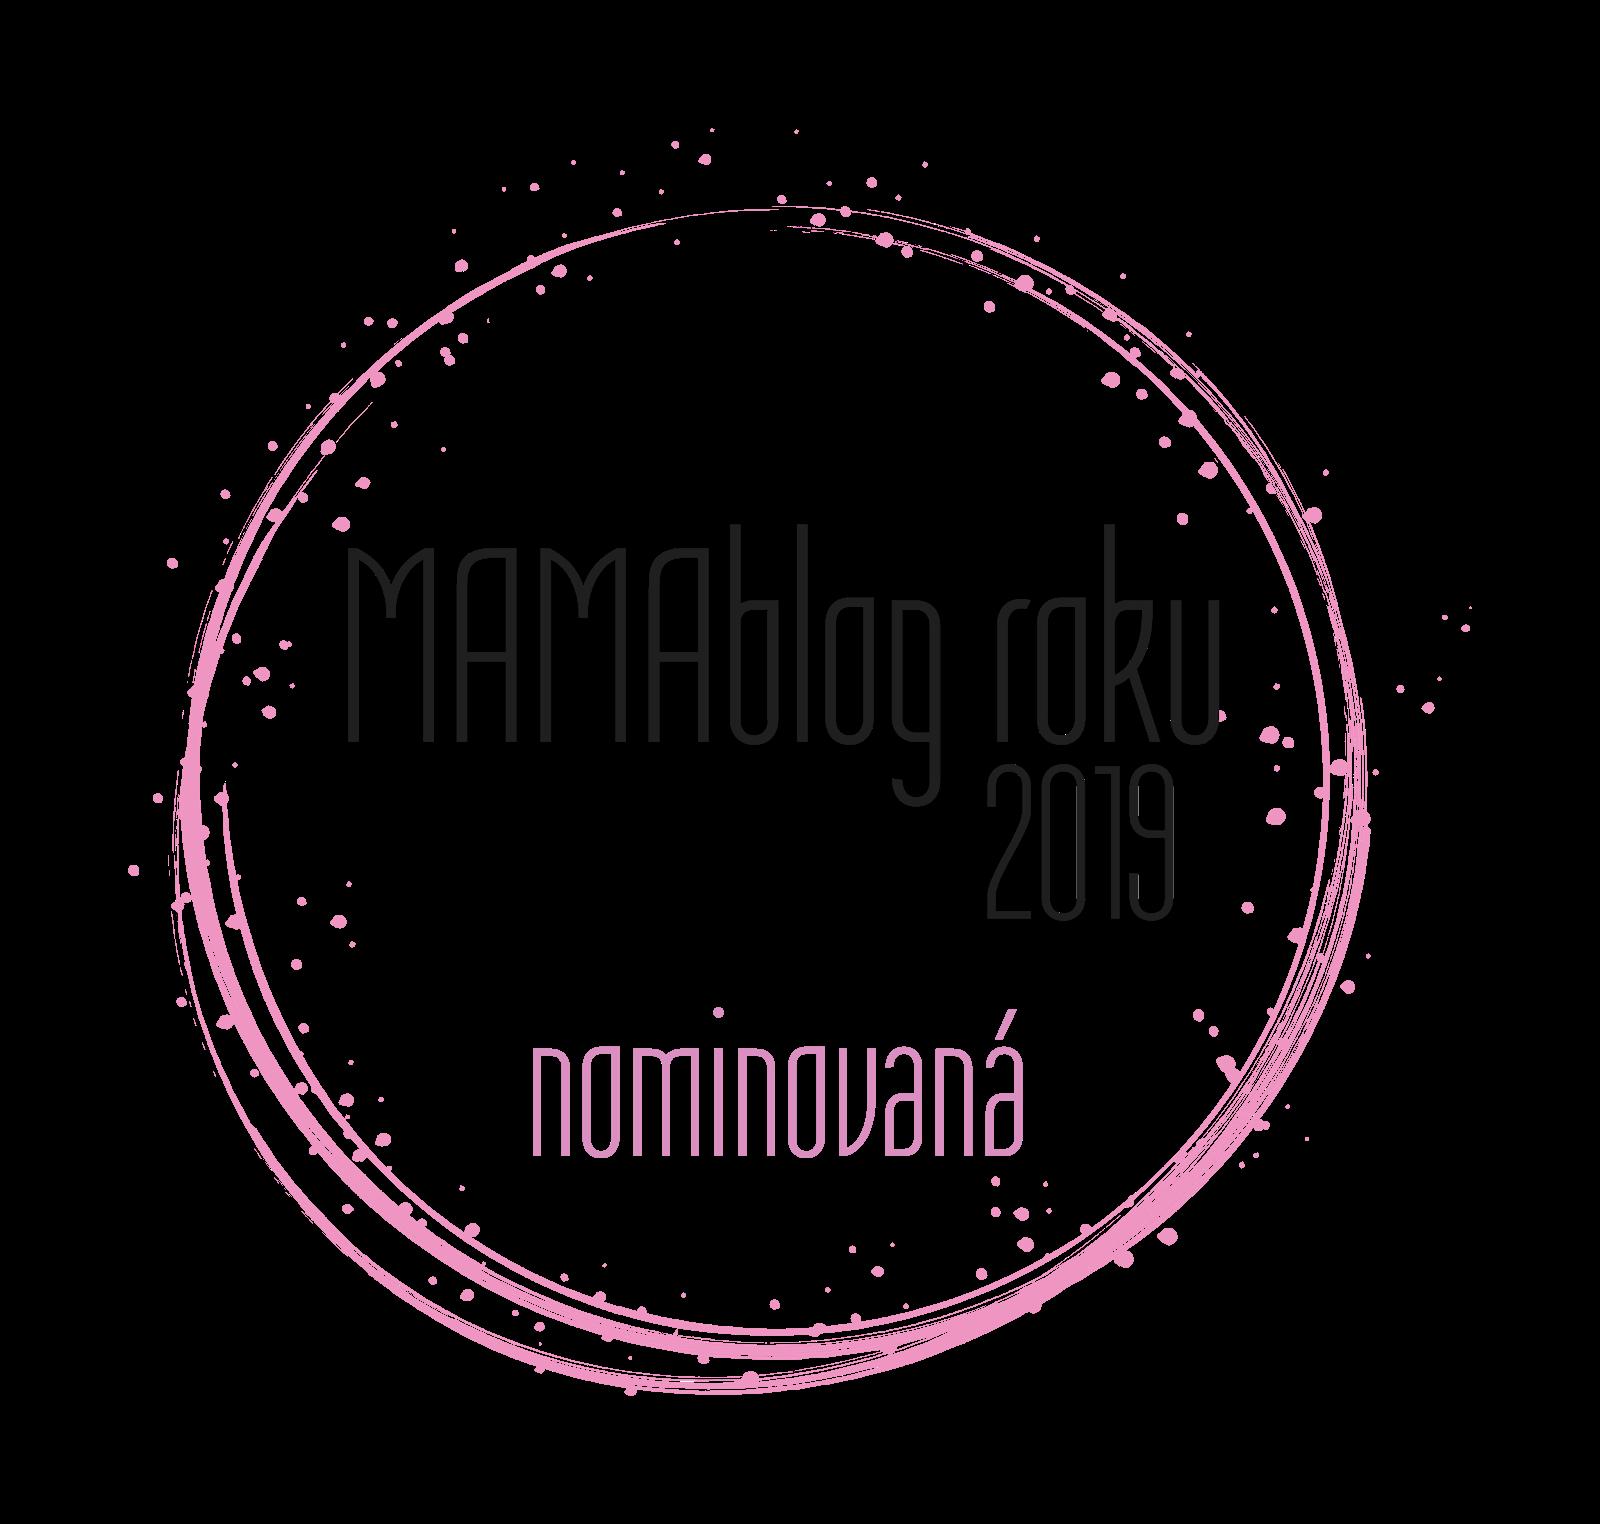 Mamablog roku 2019